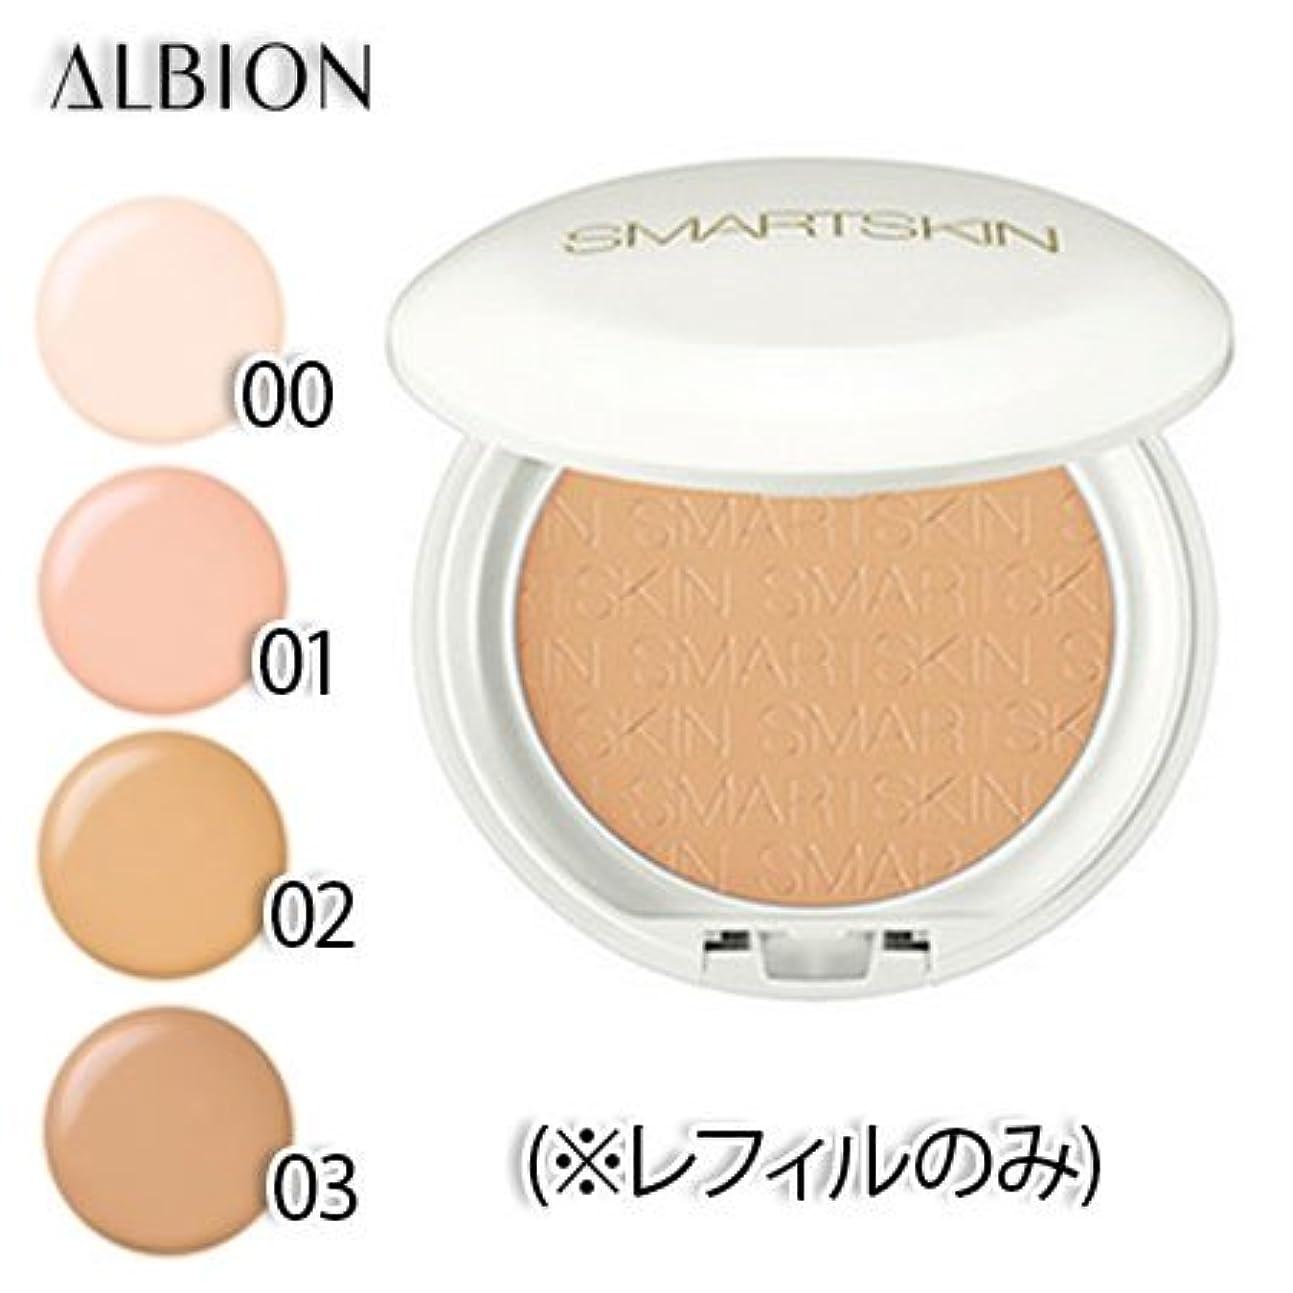 探すアニメーションうなずくアルビオン スマートスキン ホワイトレア 全4色 (レフィルのみ) SPF40 PA++++ 10g -ALBION- 01